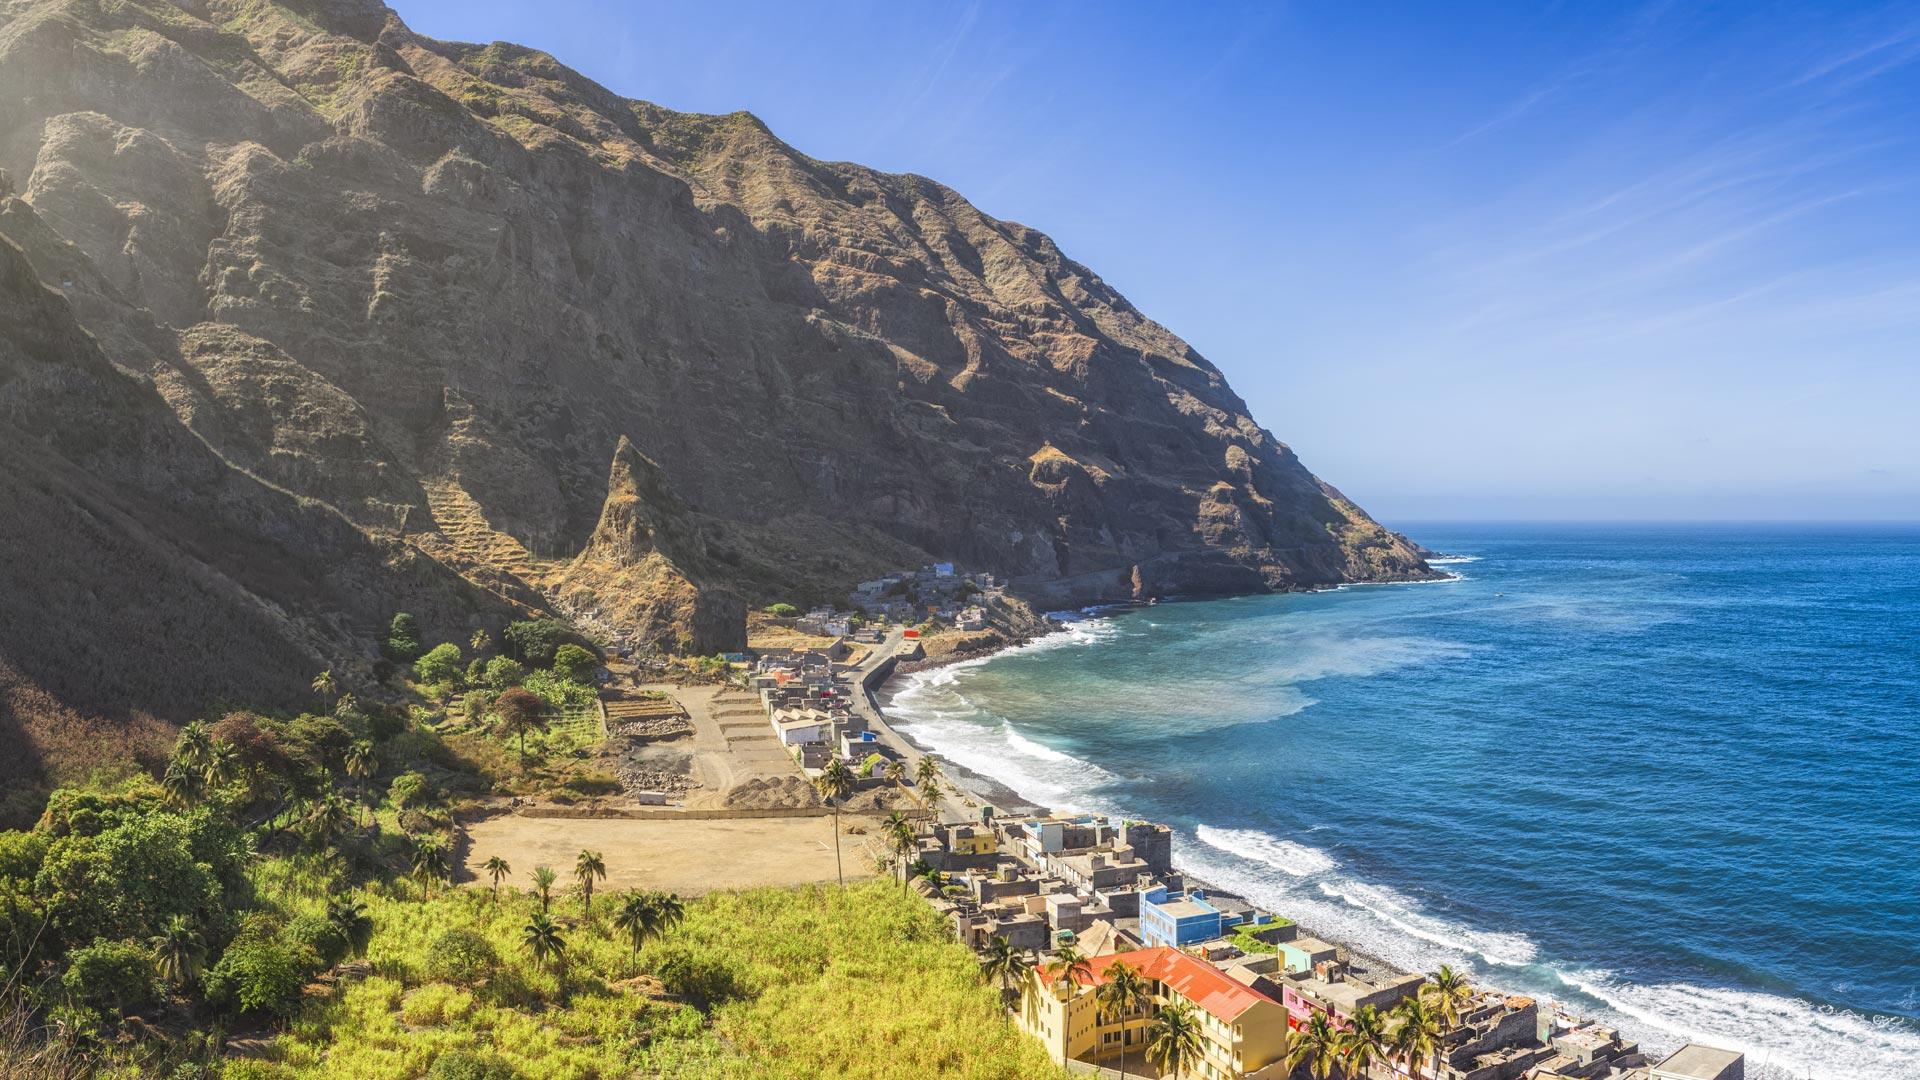 Île de Santo Antão, d'origine volcanique au relief marqué par des vallées profondes et sommets abrupts et d'une végétation dense